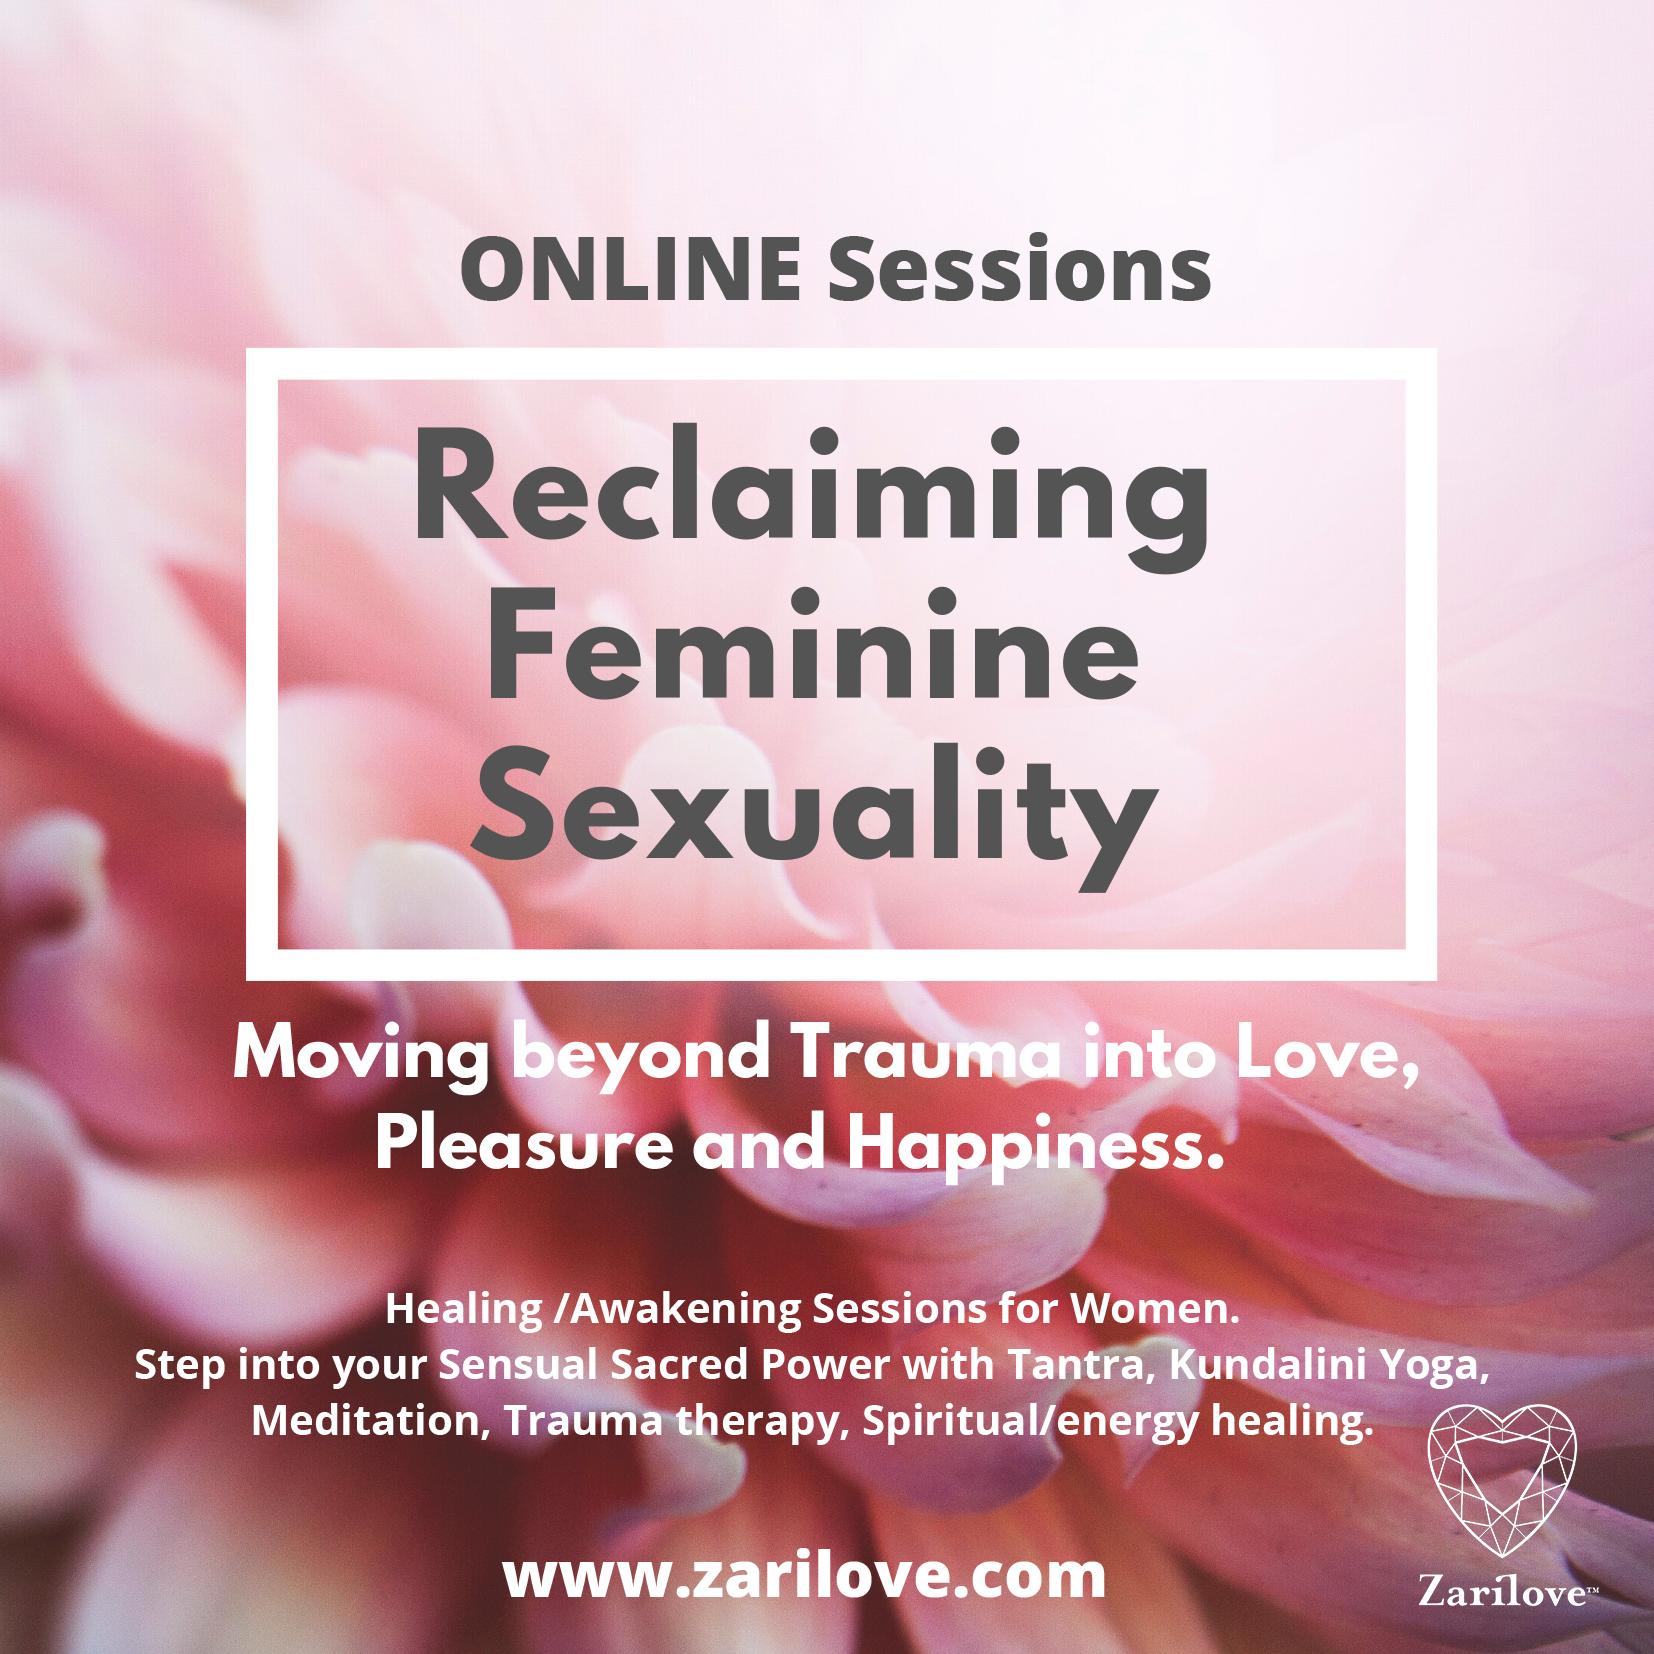 RECLAIMING FEMININITY- SEXUAL HEALING